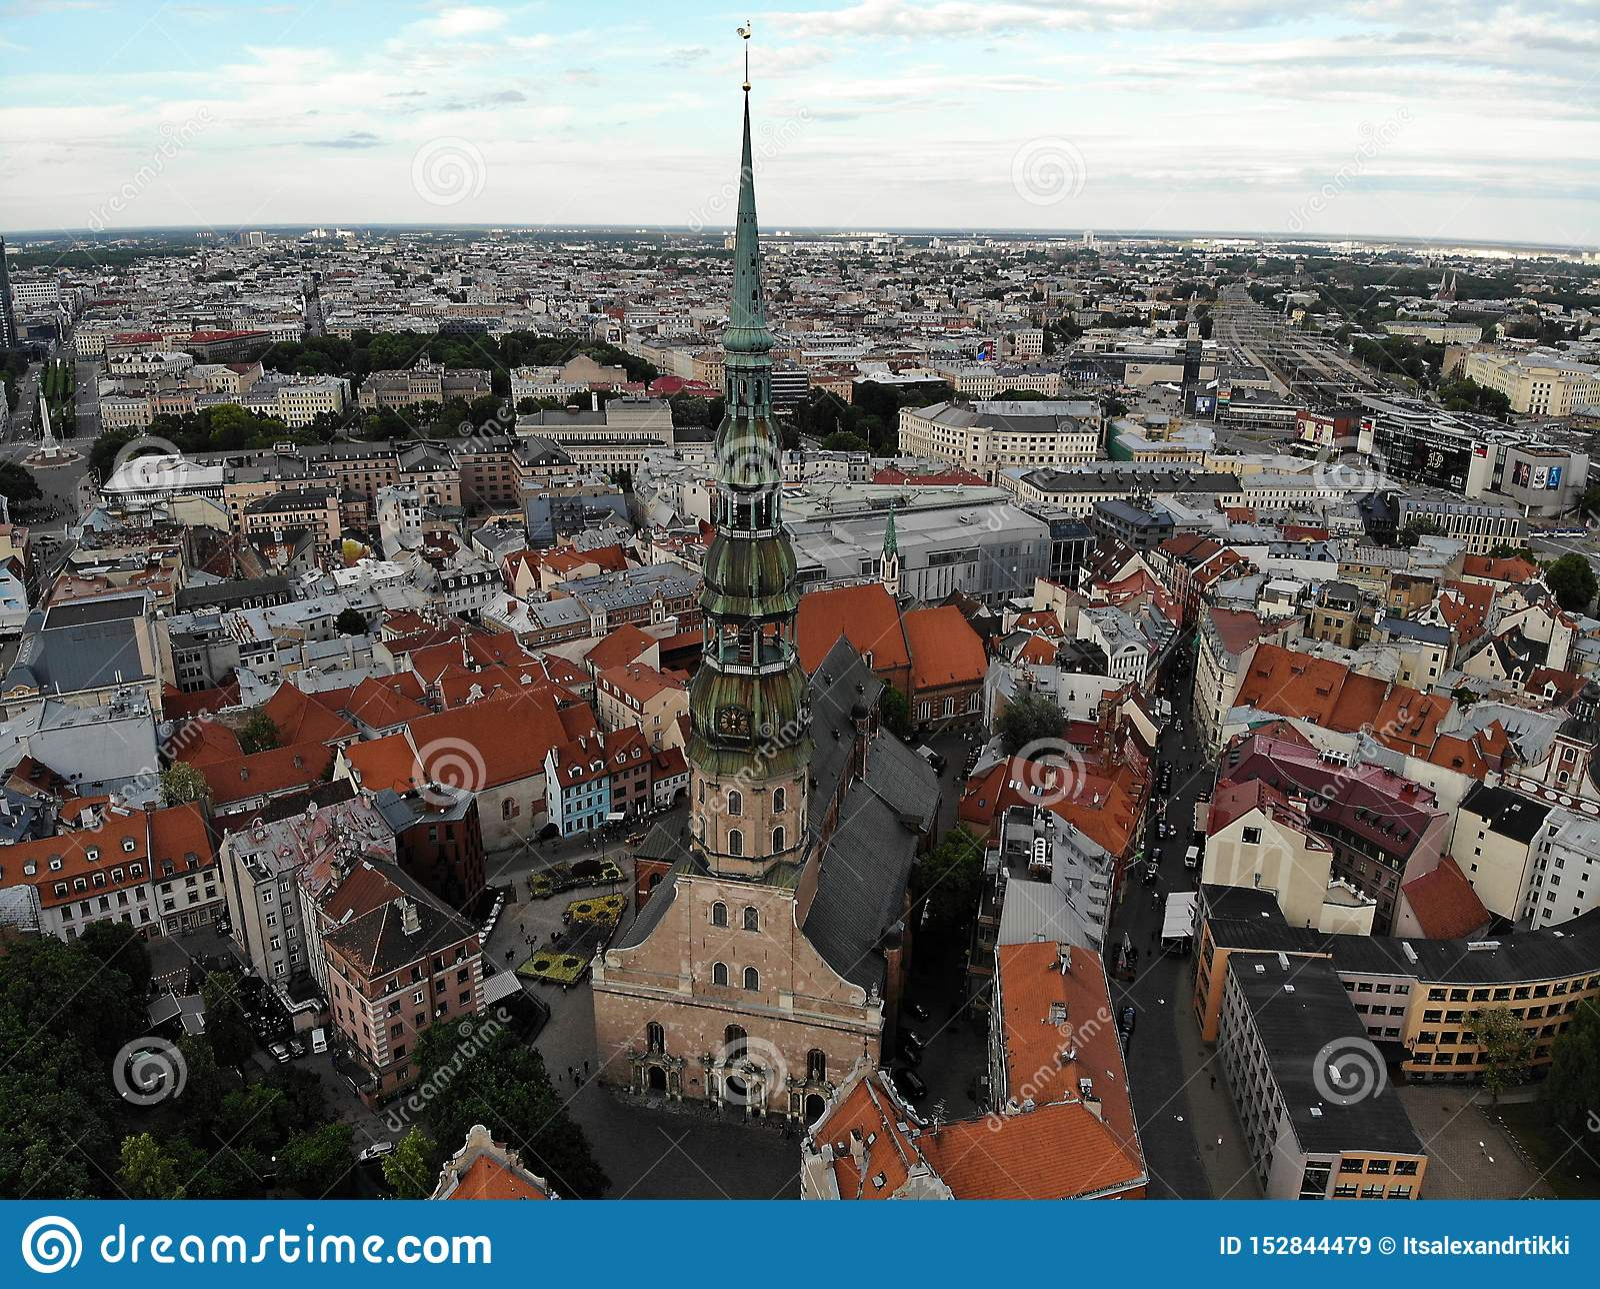 Όμορφη άποψη άνωθεν Παλαιό μέρος της πόλης Ρήγα Πρωτεύουσα της Λετονίας, Ευρώπη Φωτογραφία κηφήνων Δημιουργημένος από DJI Mavic